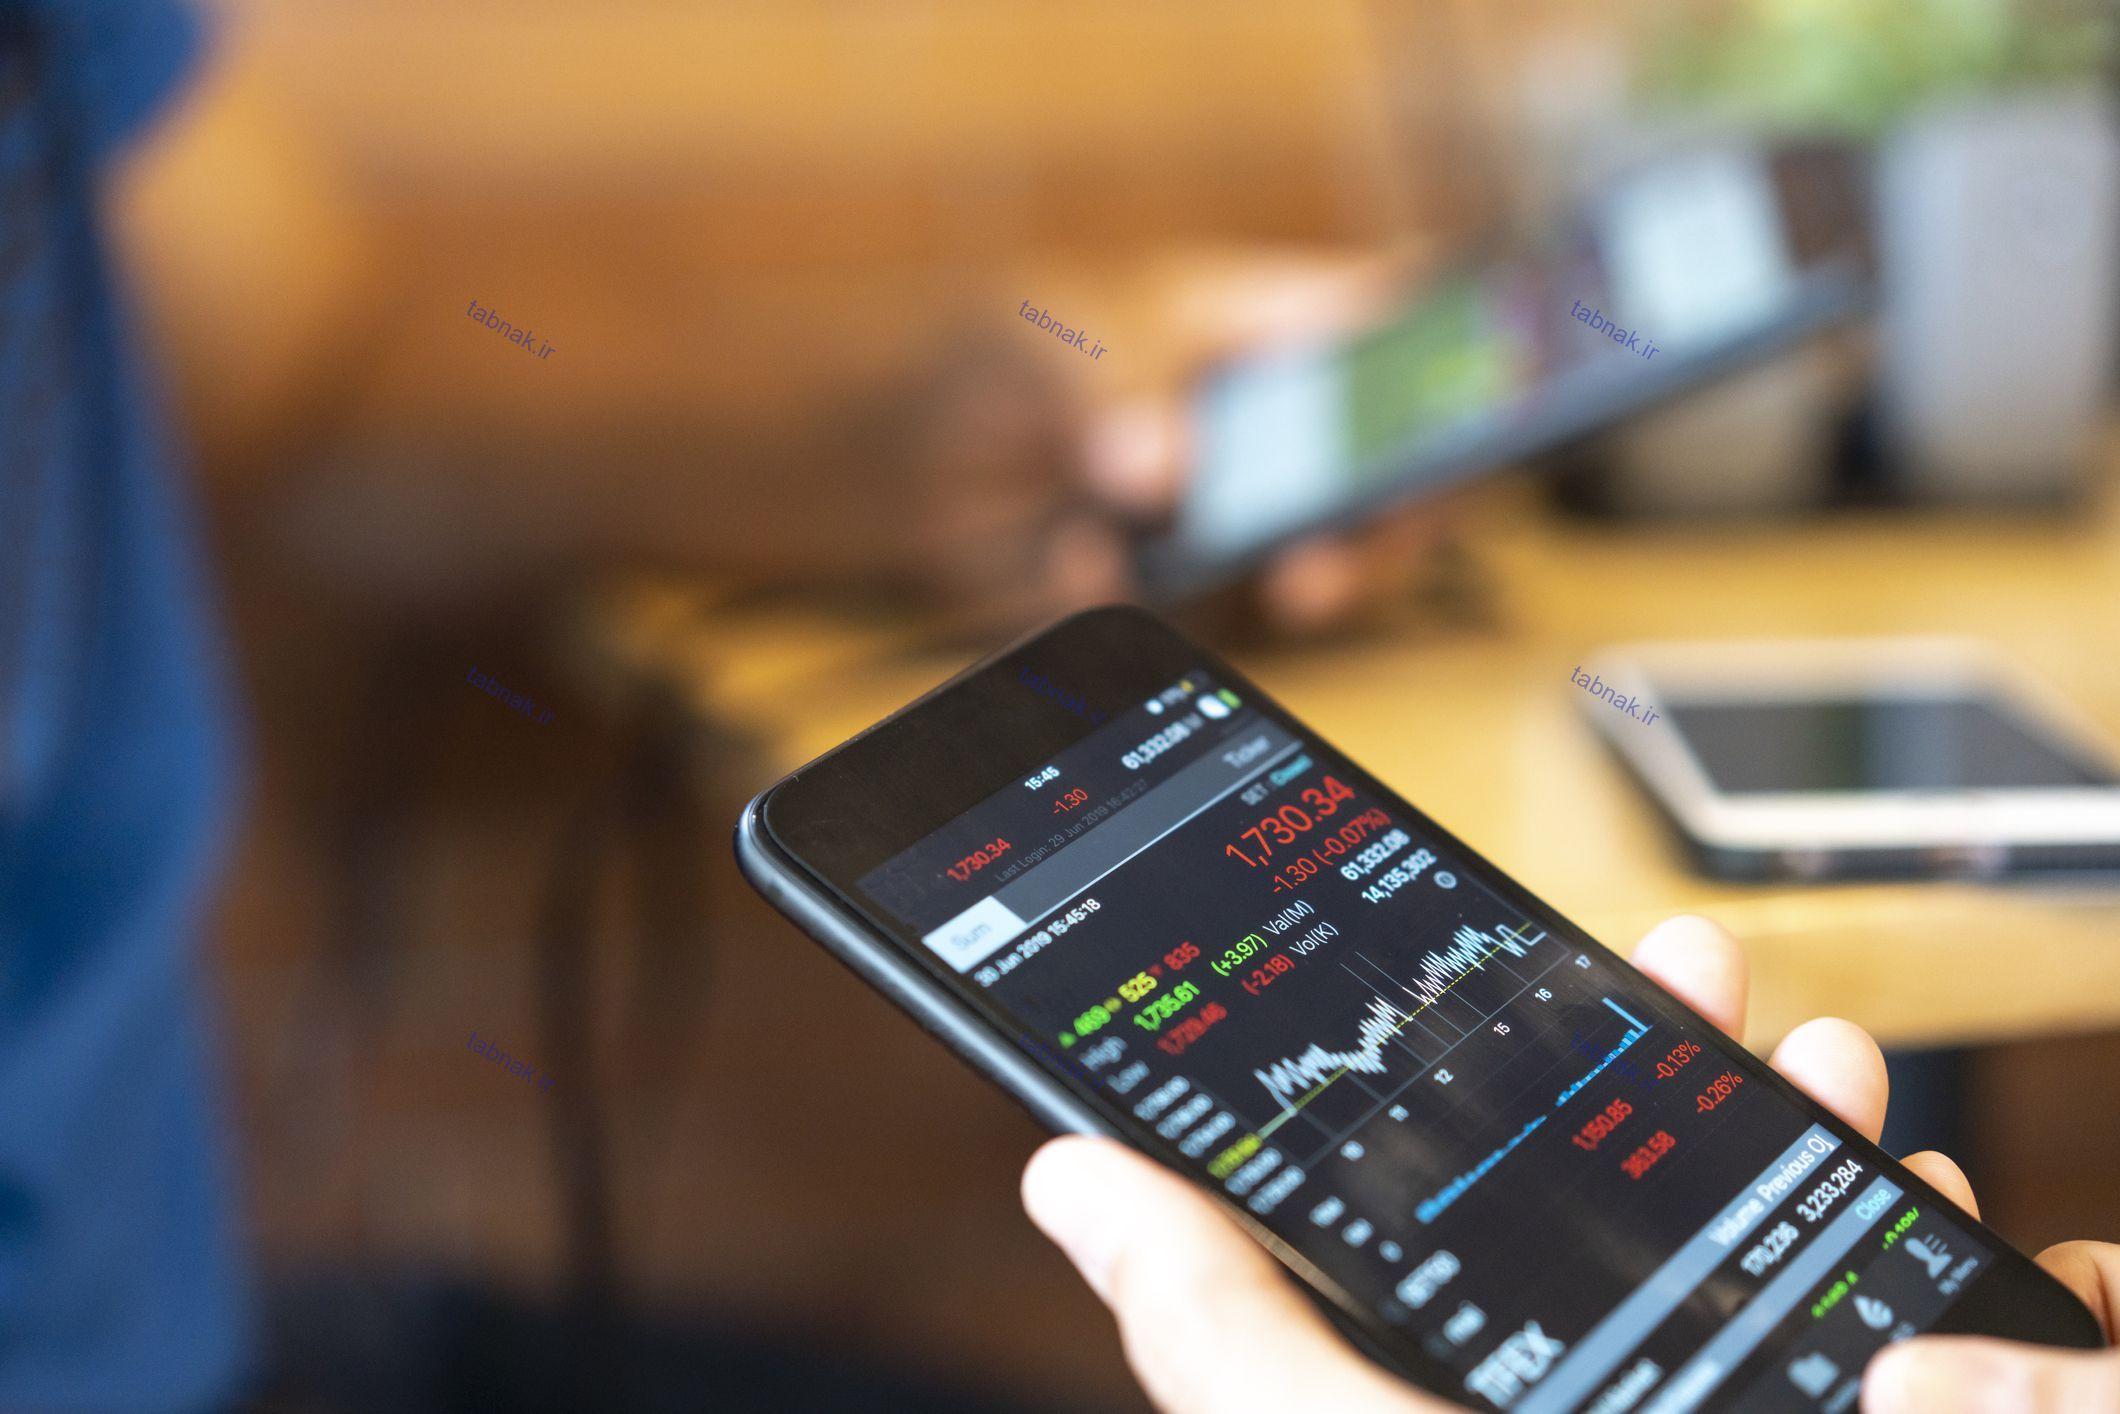 سهام عدالت تعیین کننده کرسیهای مدیریتی در مجامع آتی/ بازار سرمایه در انتظار مجامع شرکتهای بزرگ/ سهامهای بنیادی هنوز جای رشد دارند